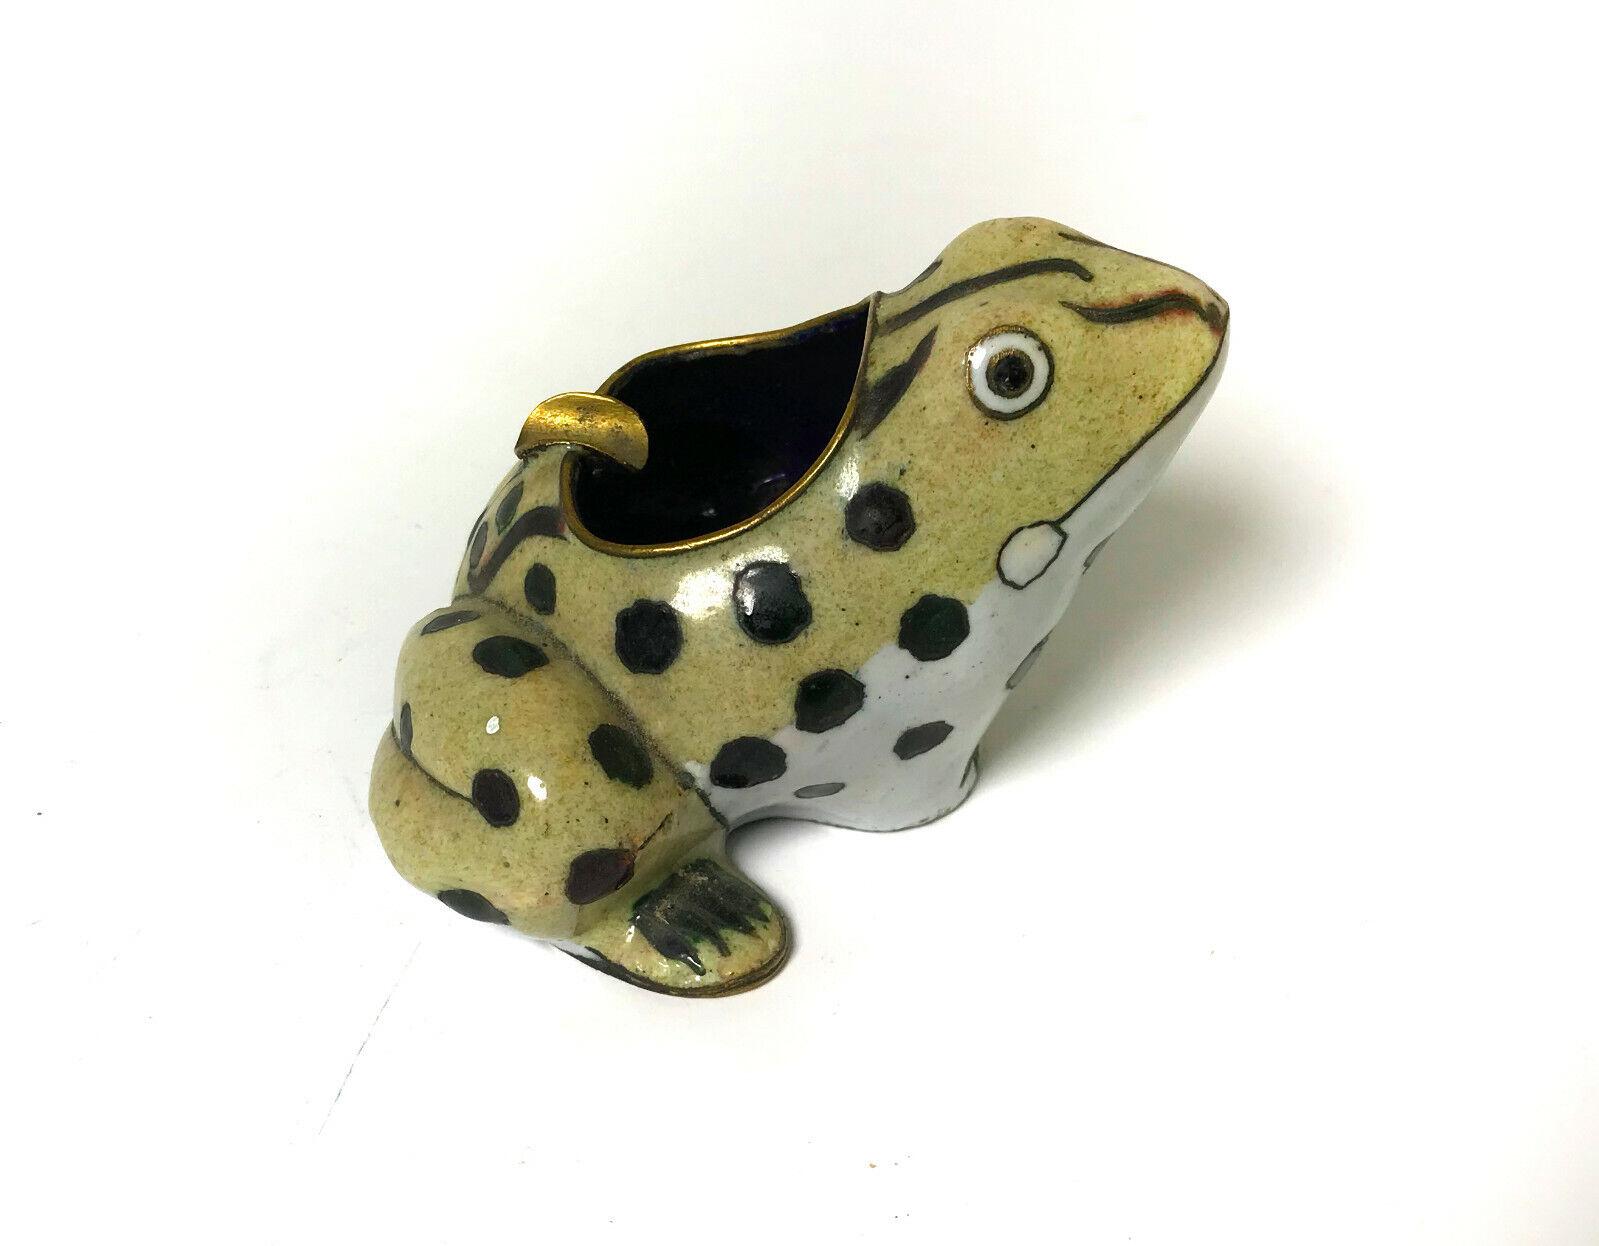 Einzigartiger vintage Aschenbecher Frosch Metall Kröte Unke Ascher Emaille frog